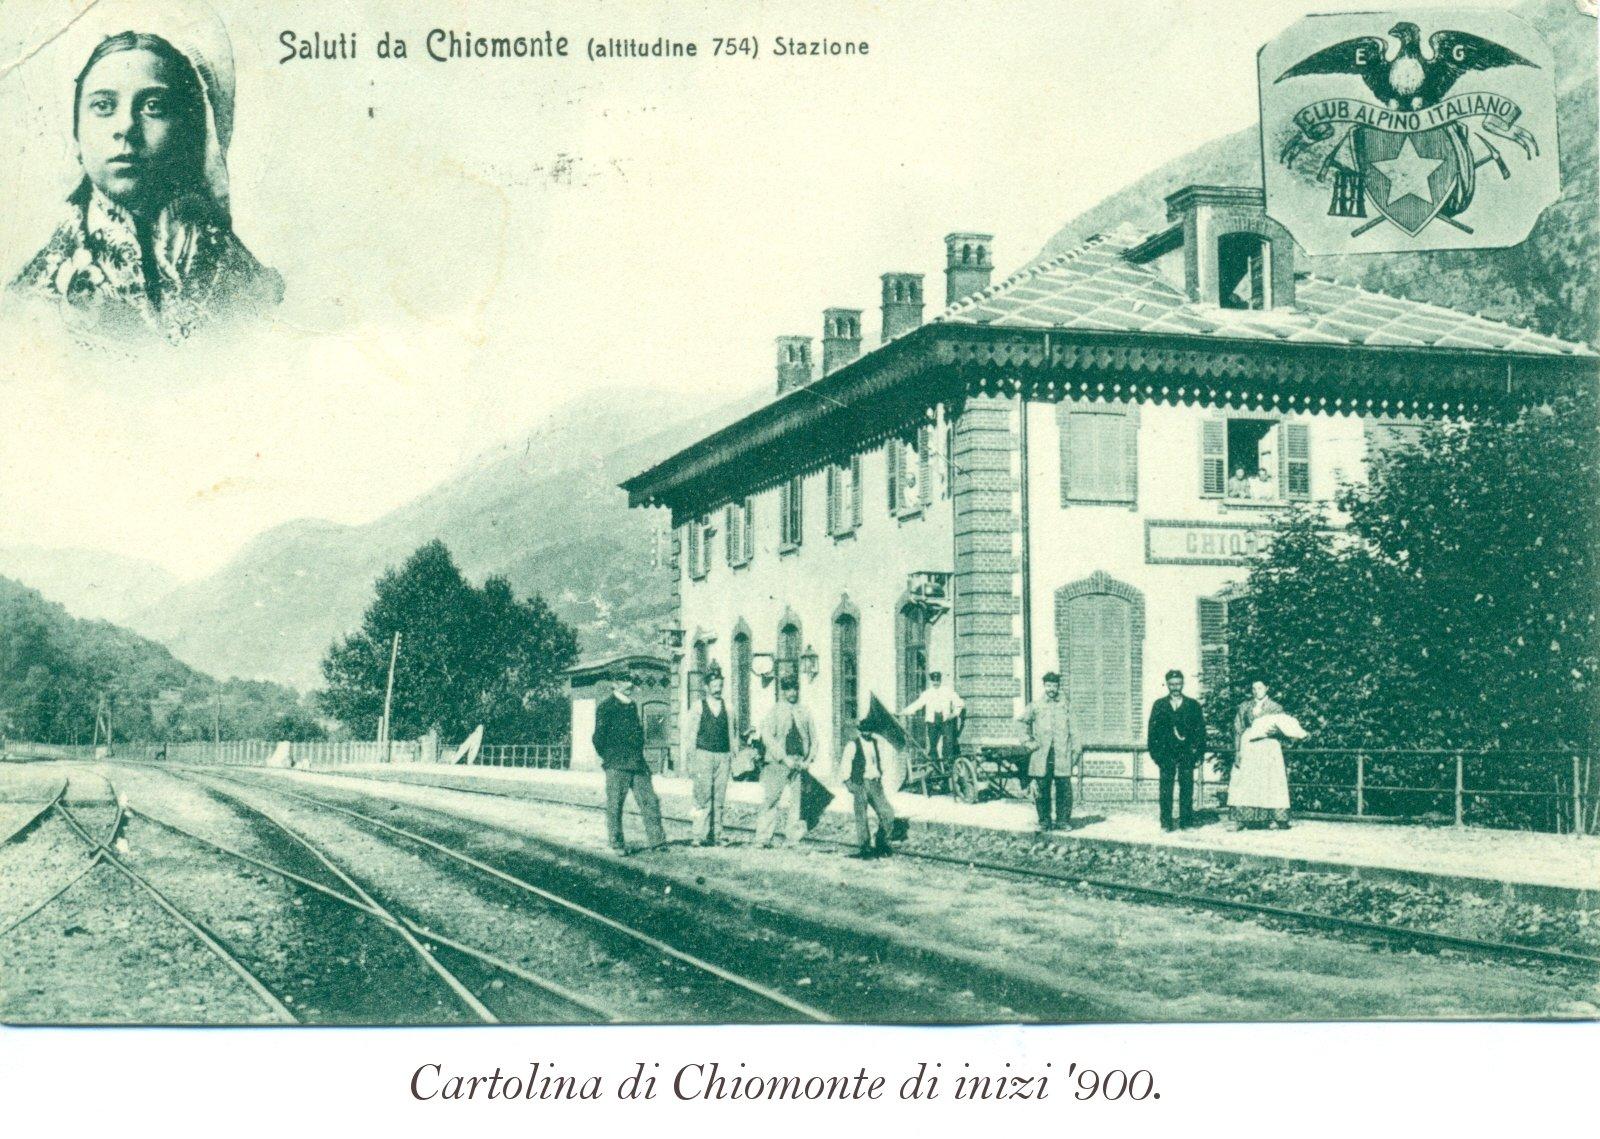 Cartolina di Chiomonte di inizi '900